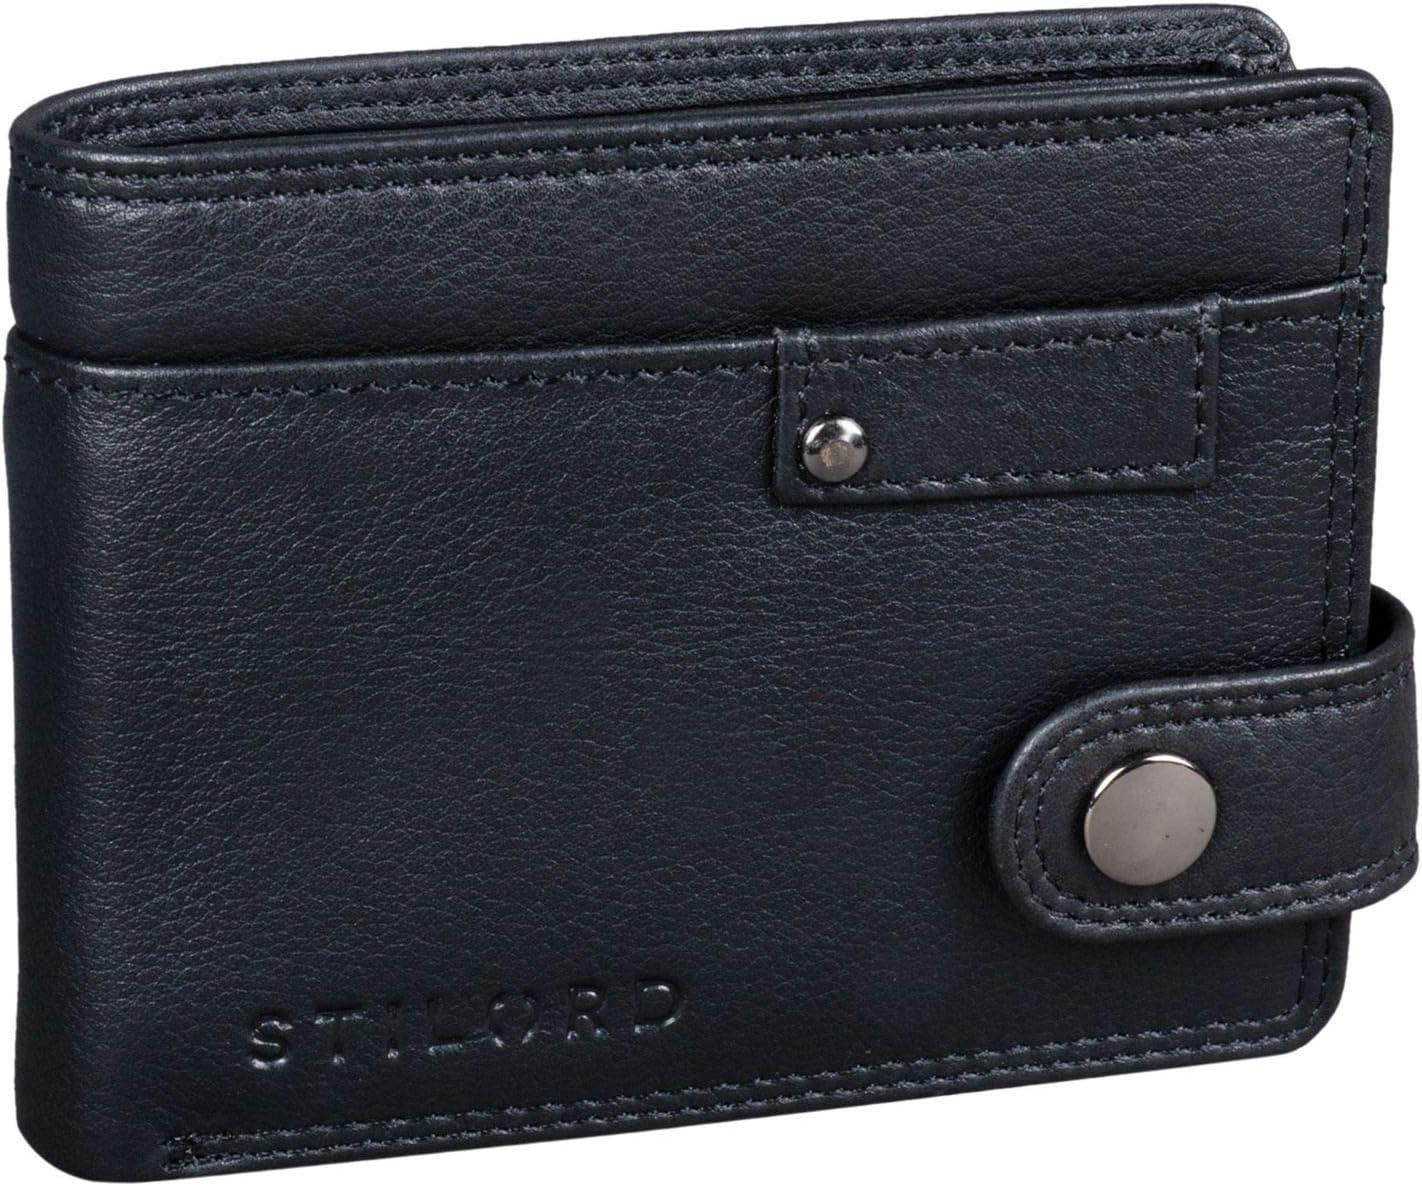 STILORD 'Finley' Cartera de Cuero para Hombres Protección RFID y NFC con Botón Pulsador Billetera con protección, Color:Negro